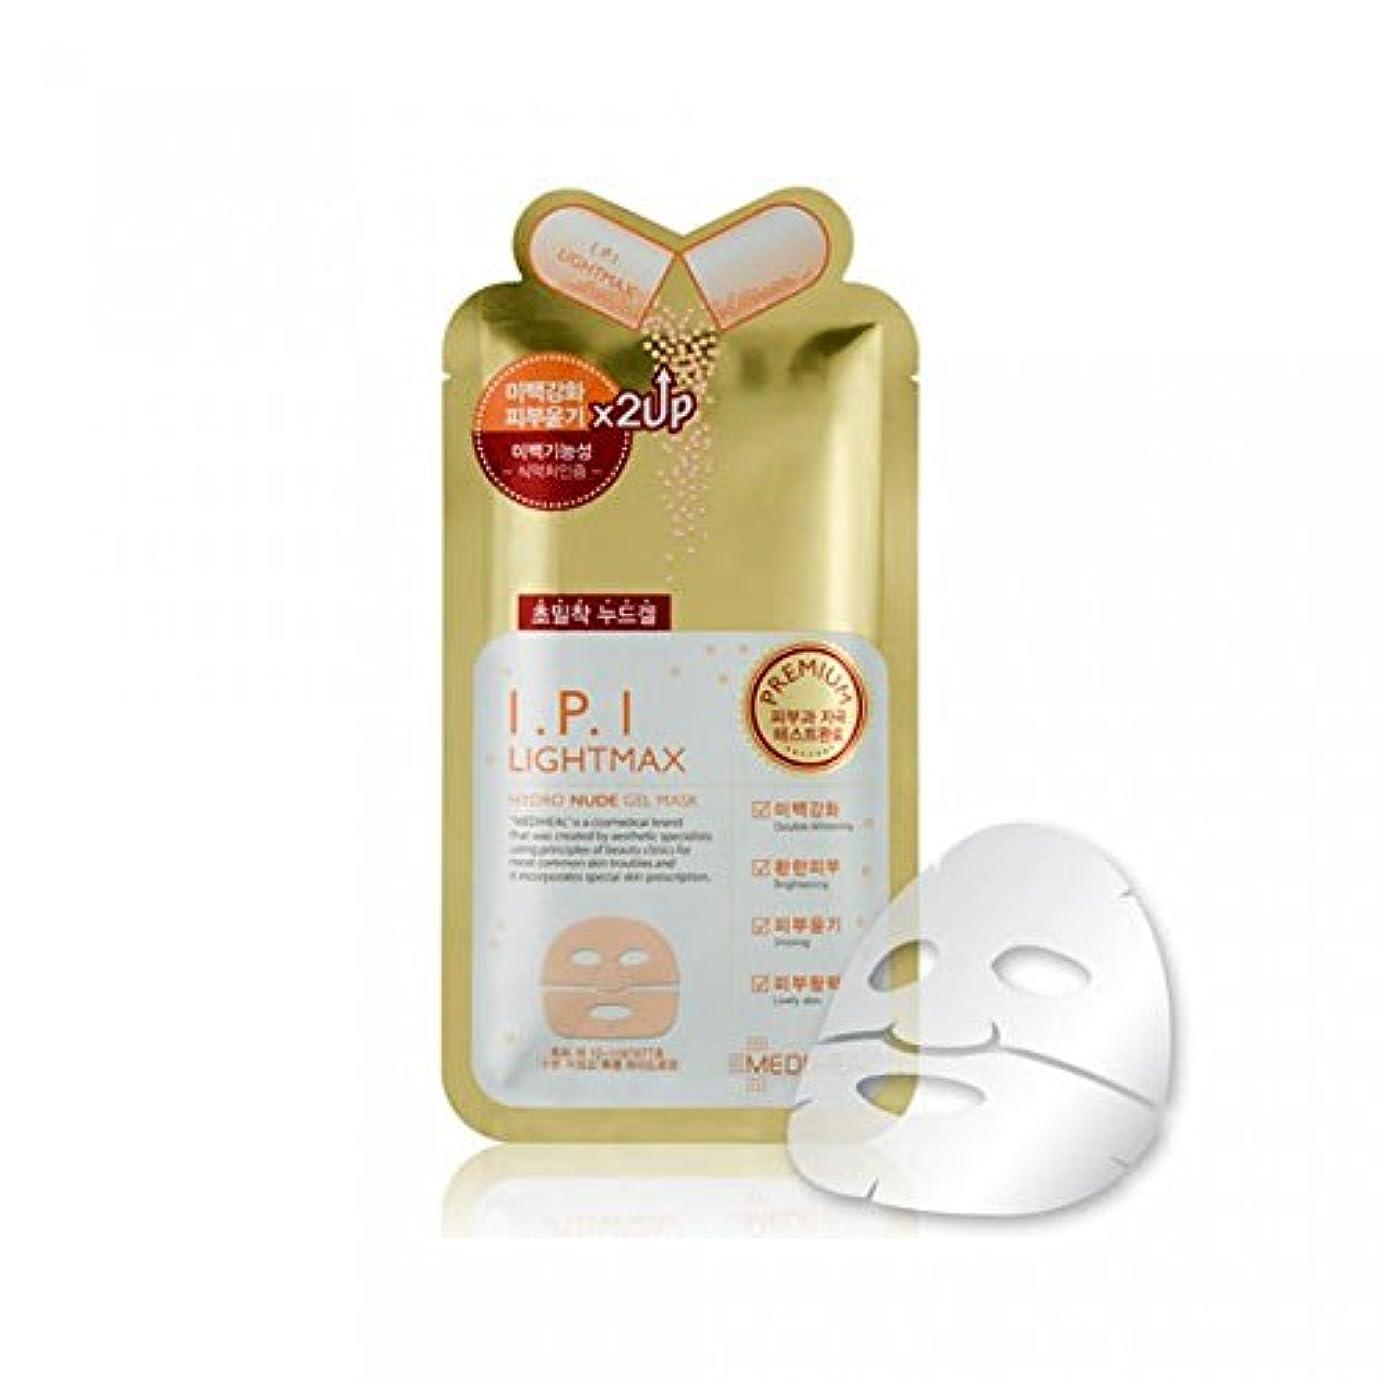 アボート注釈を付ける免疫するメディヒール プレミアム IPI ライトマックス ヌード ゲルマスク (10枚) [Mediheal premium IPI LIGHT MAX Nude Gel Mask 10 sheets] [並行輸入品]